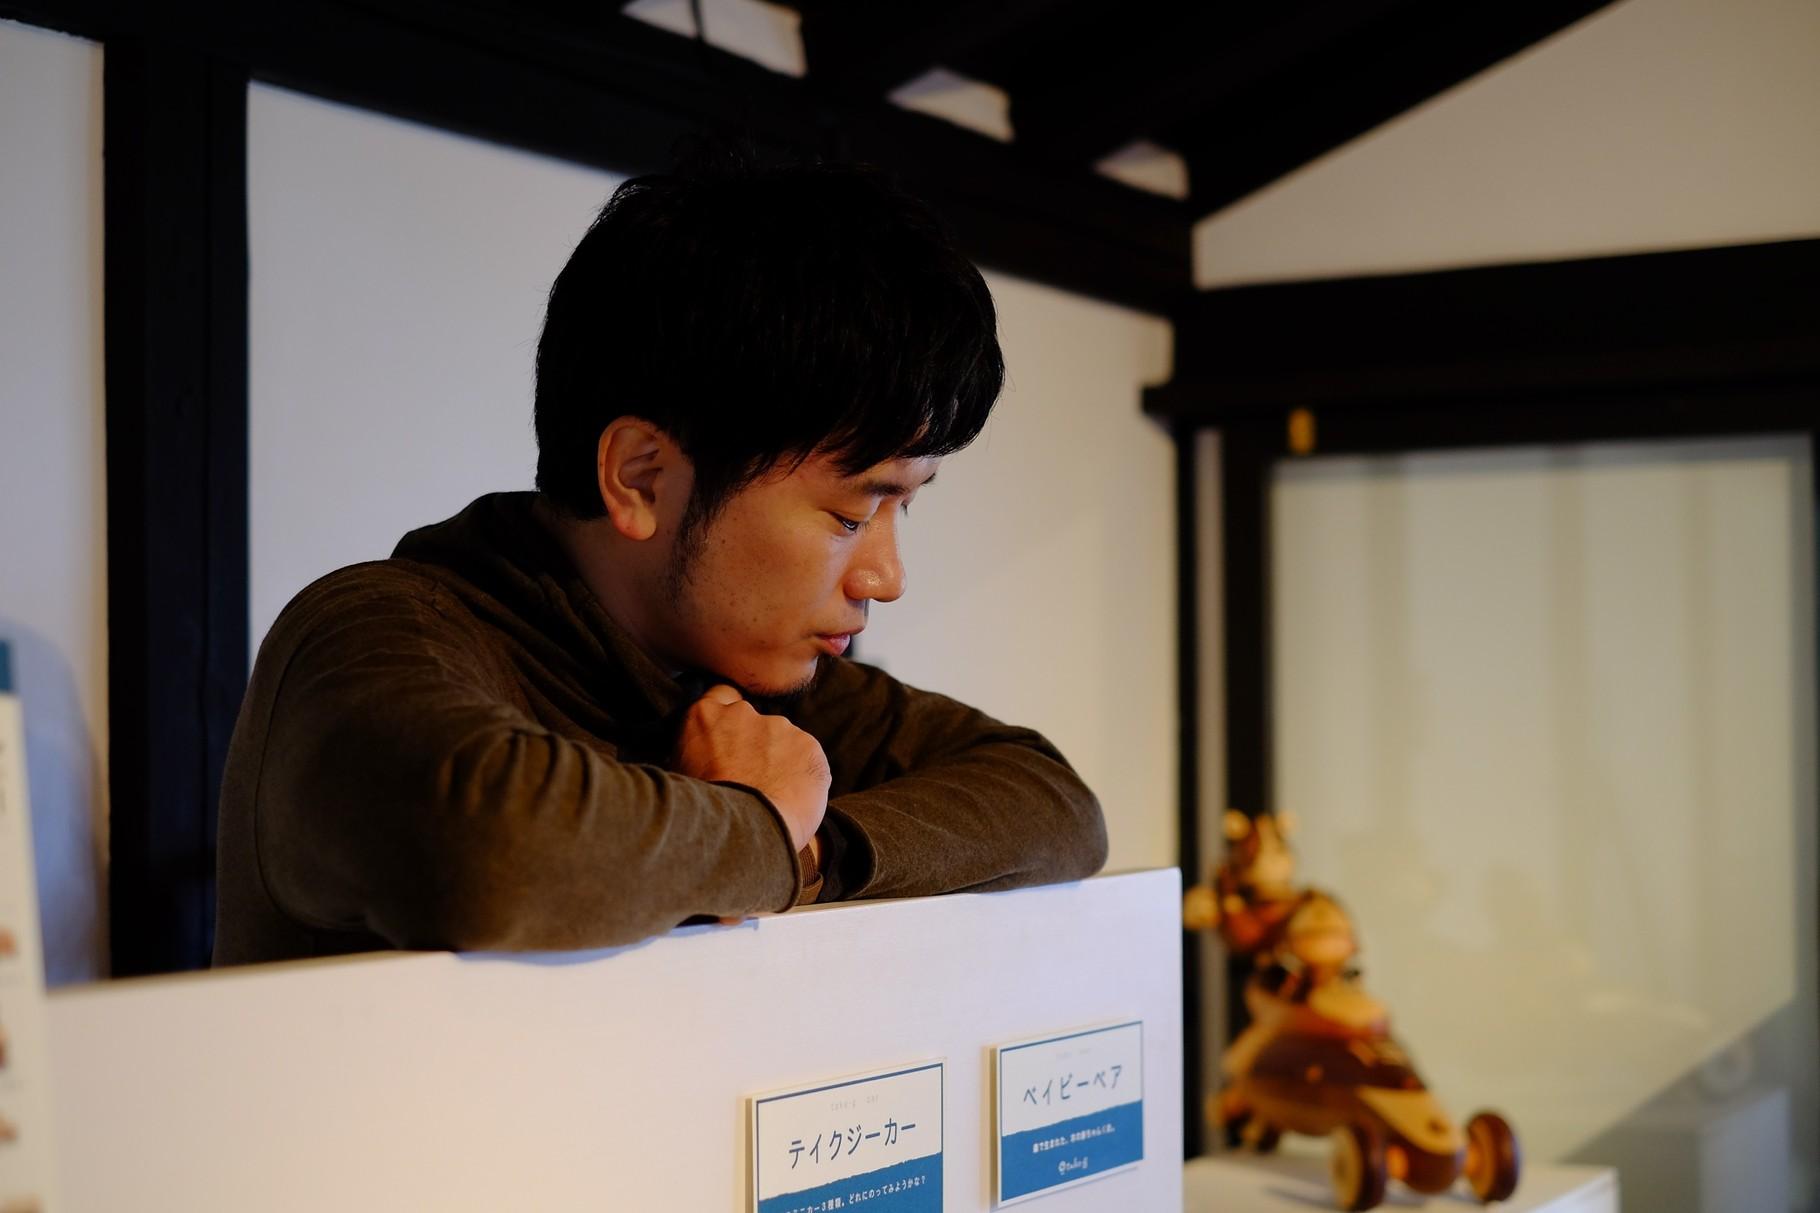 作品や活動について丁寧にお話くださる中川さん。